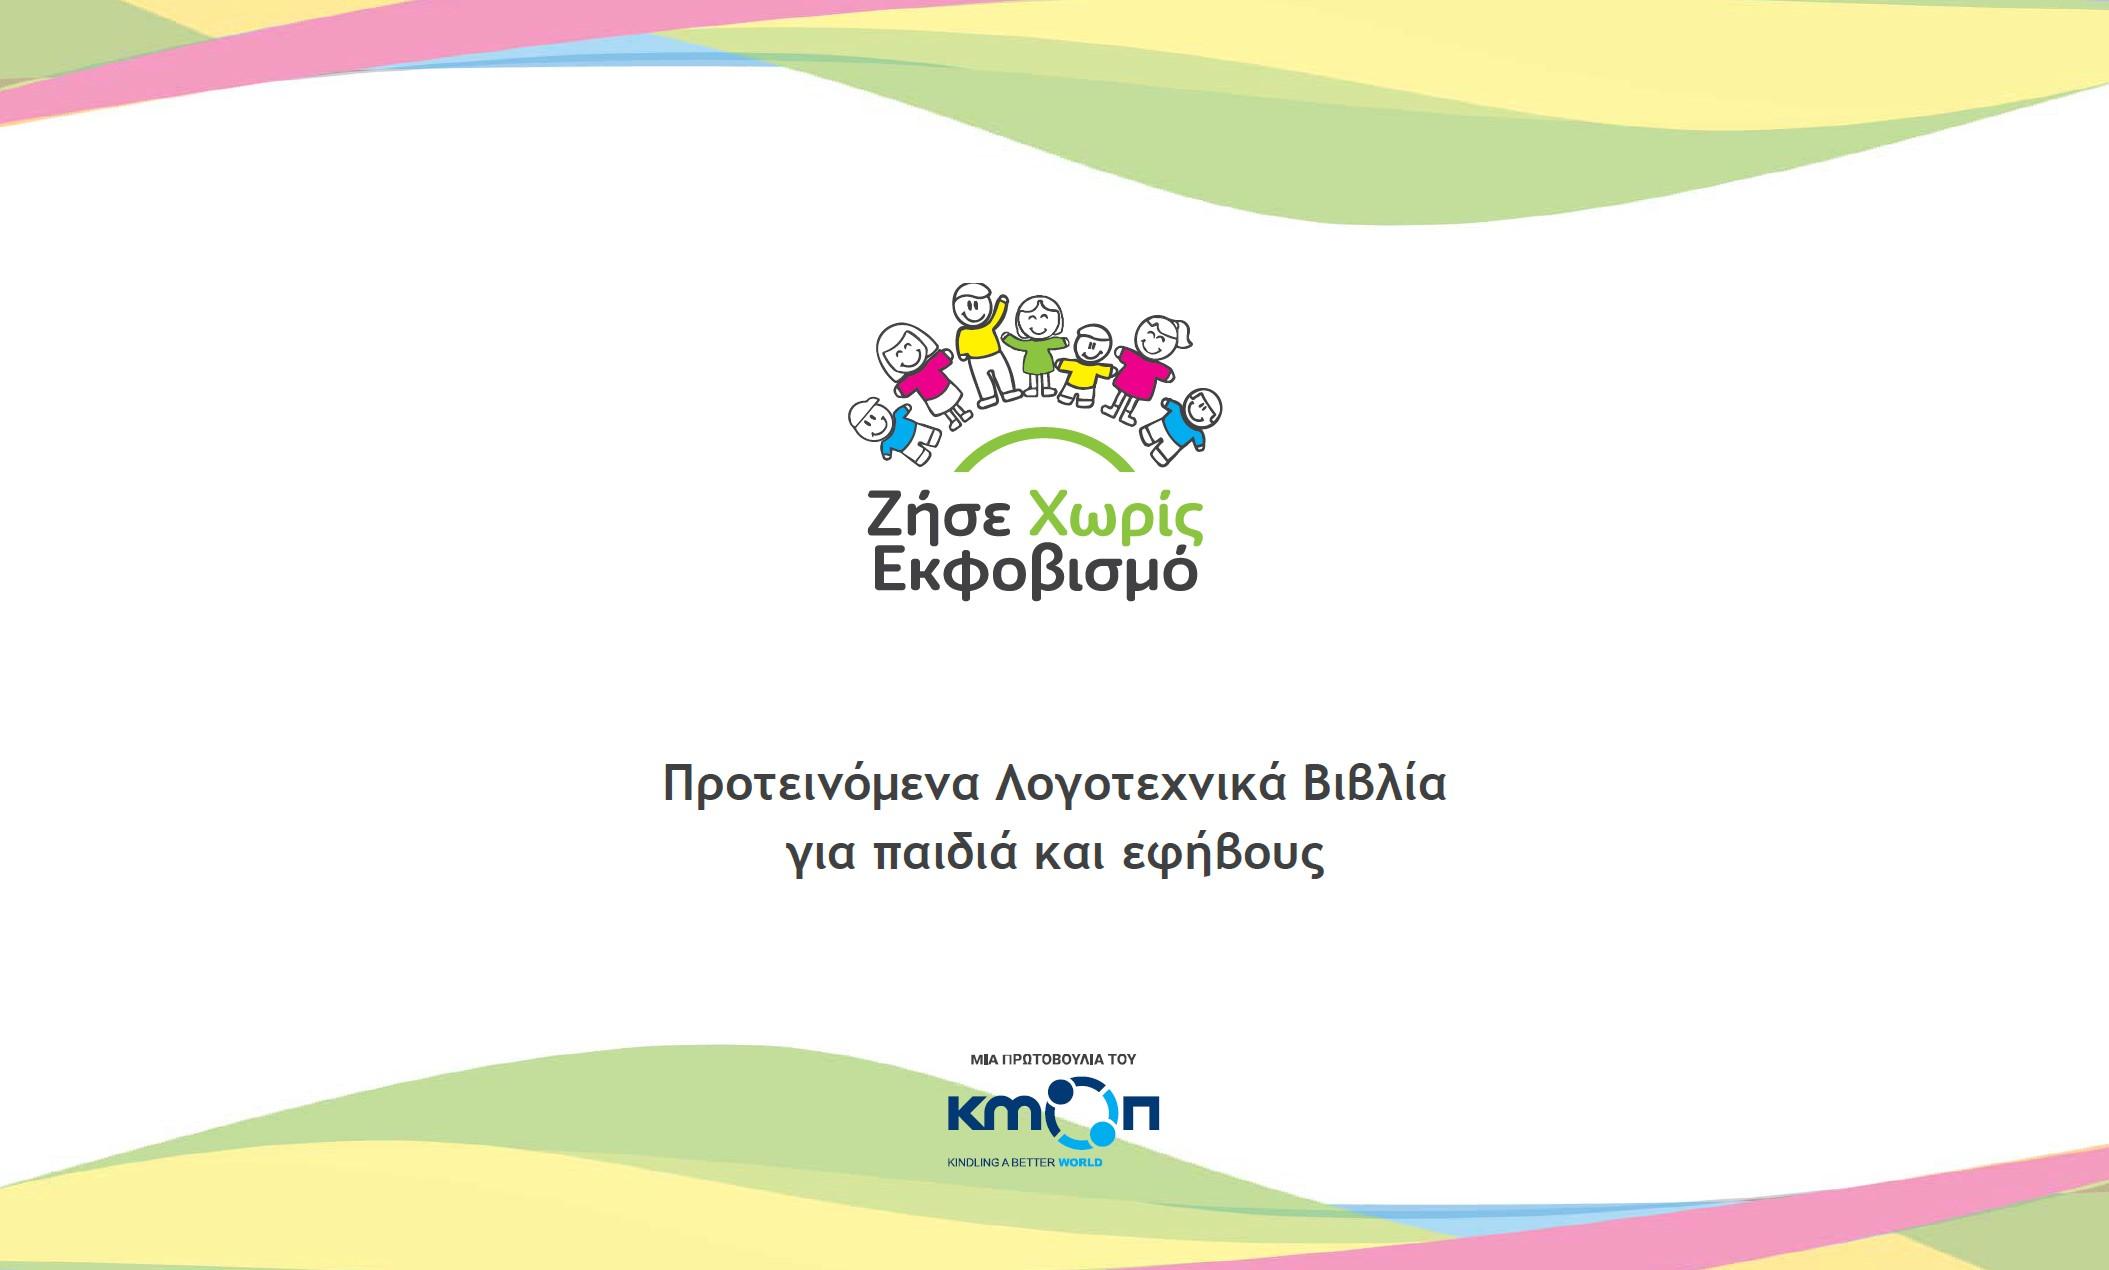 Προτεινόμενα Λογοτεχνικά Βιβλία για παιδιά και εφήβους